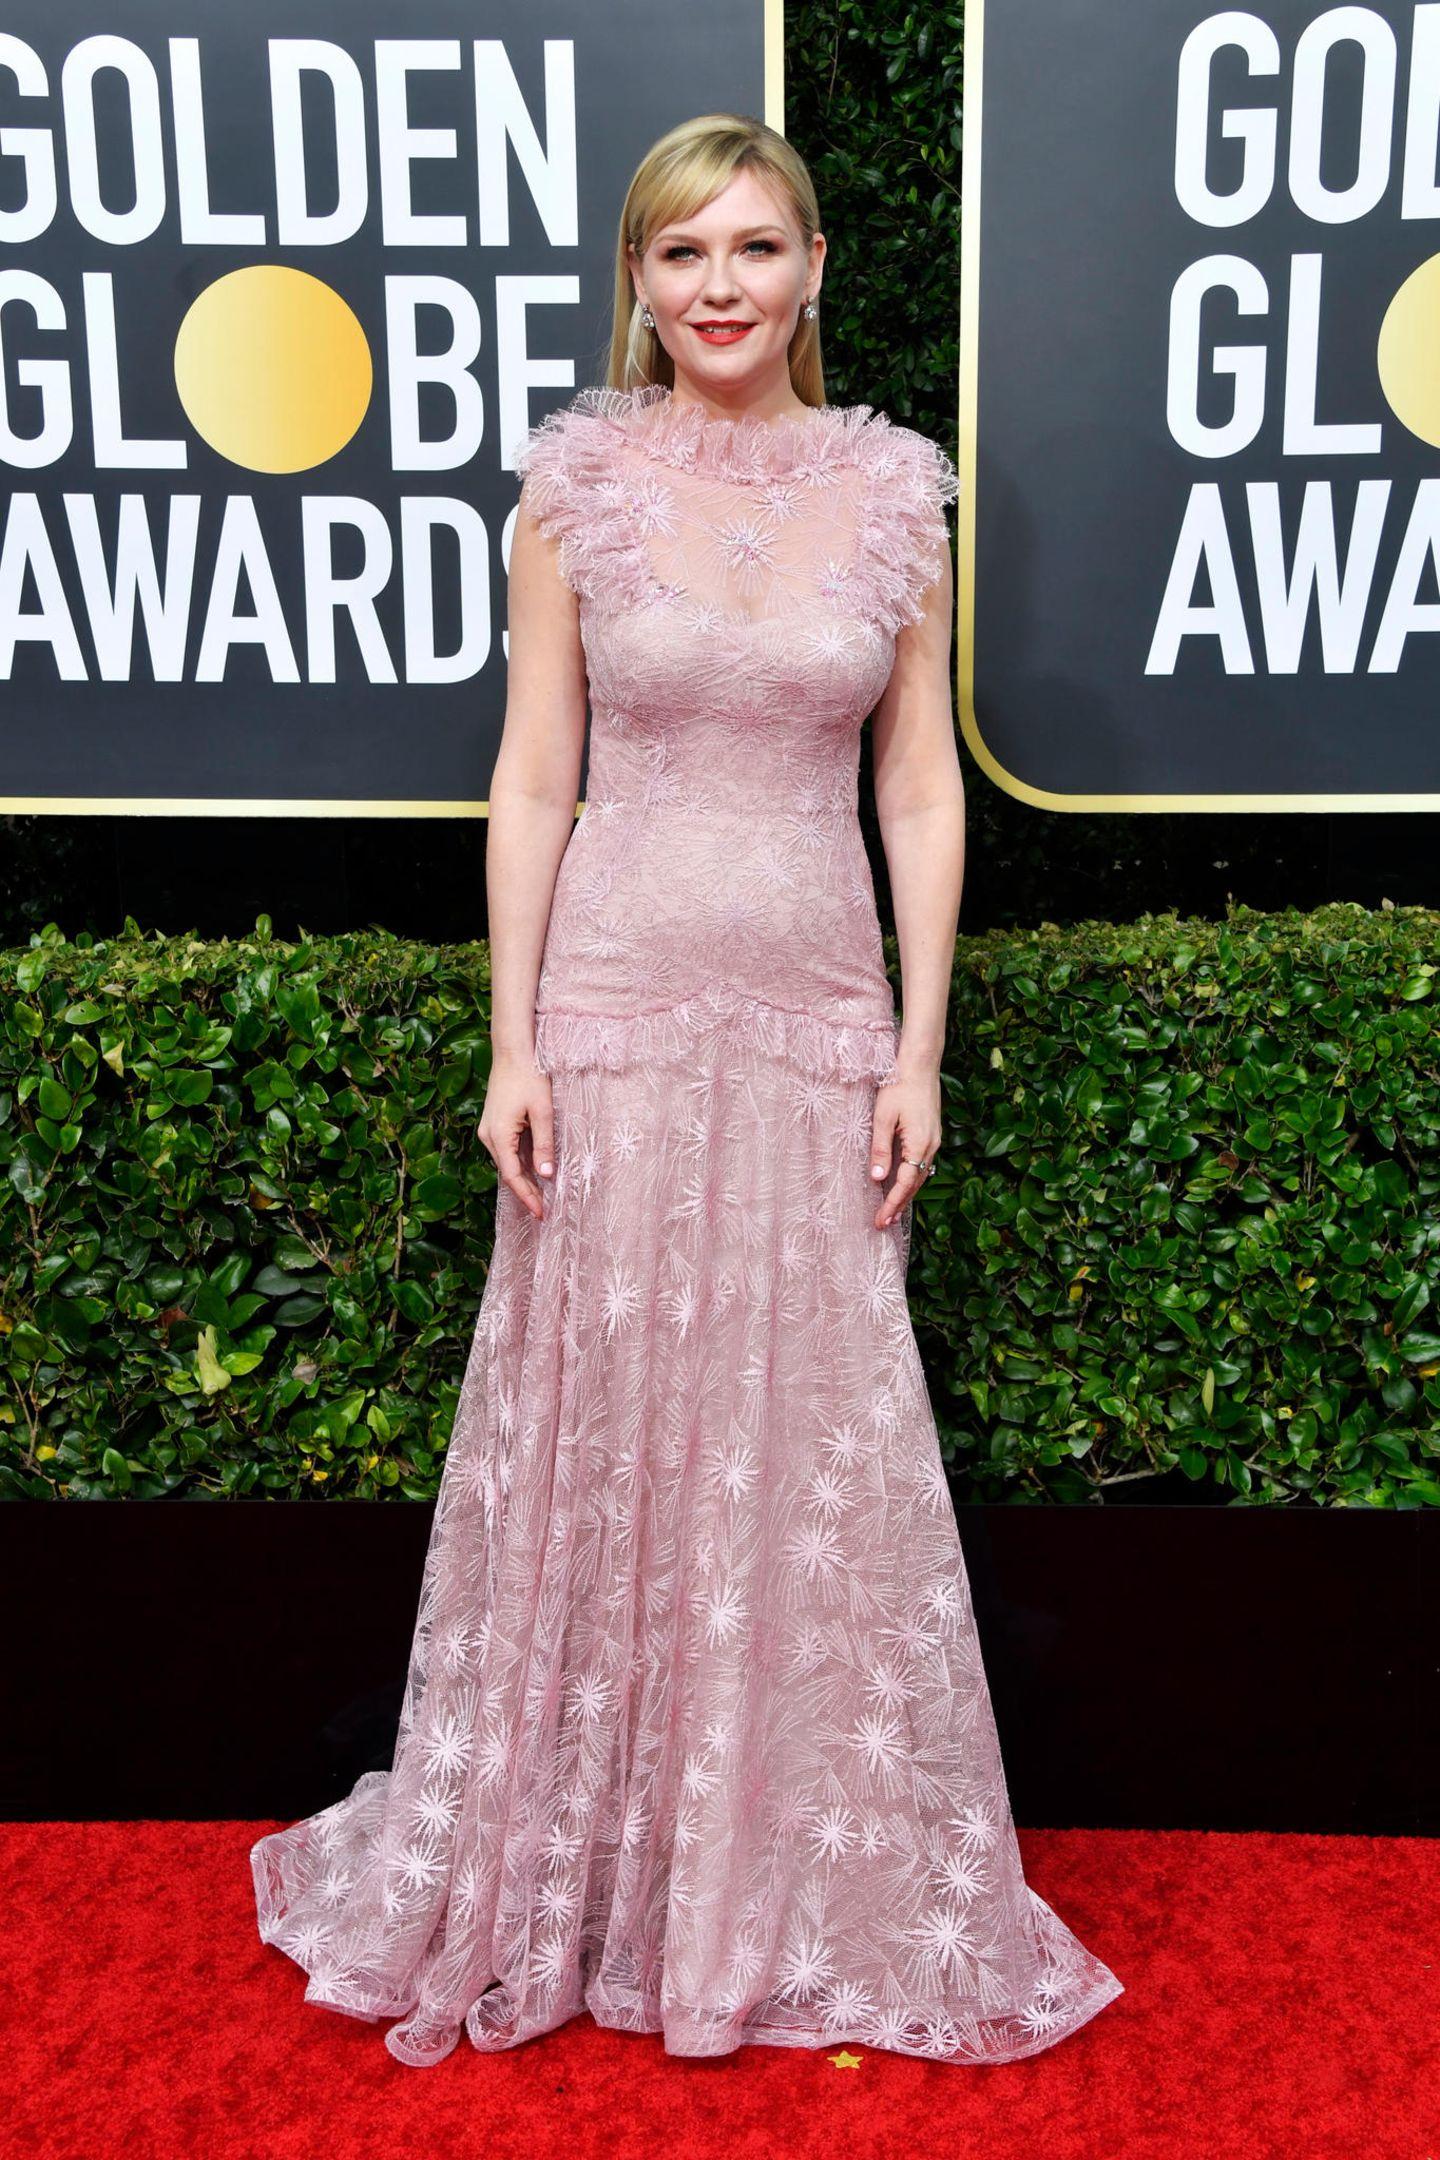 Kirsten Dunst im romantischen Rosa-Look. Ihr Spitzenkleid ist eine Handanfertigung von Rodarte.